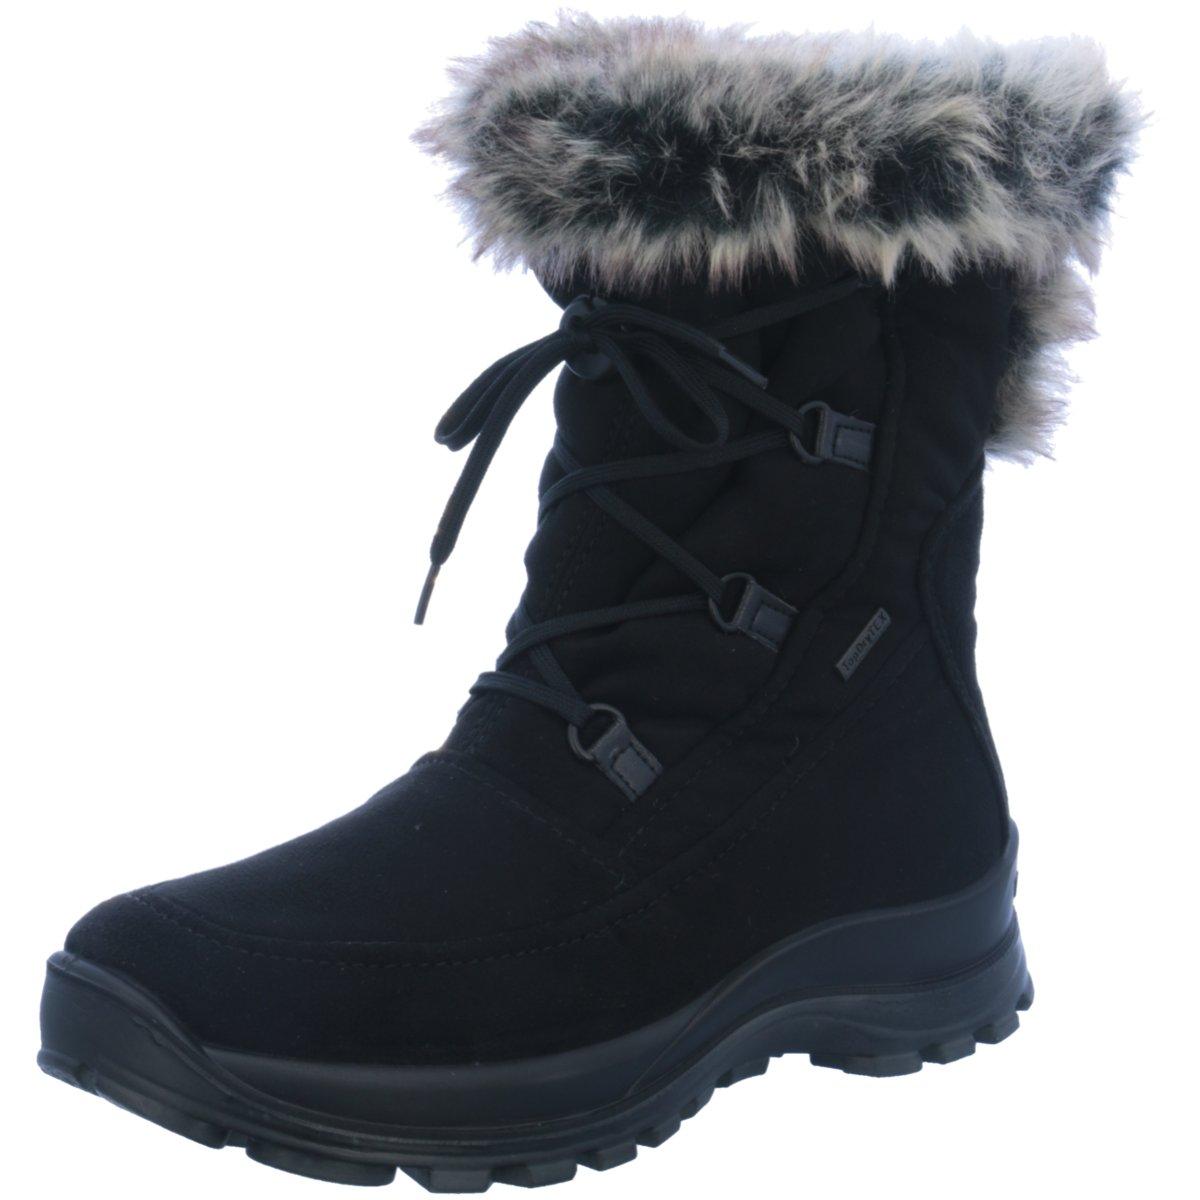 NEU Romika Damen Stiefel Polar 02 87002.74.100 schwarz 356674